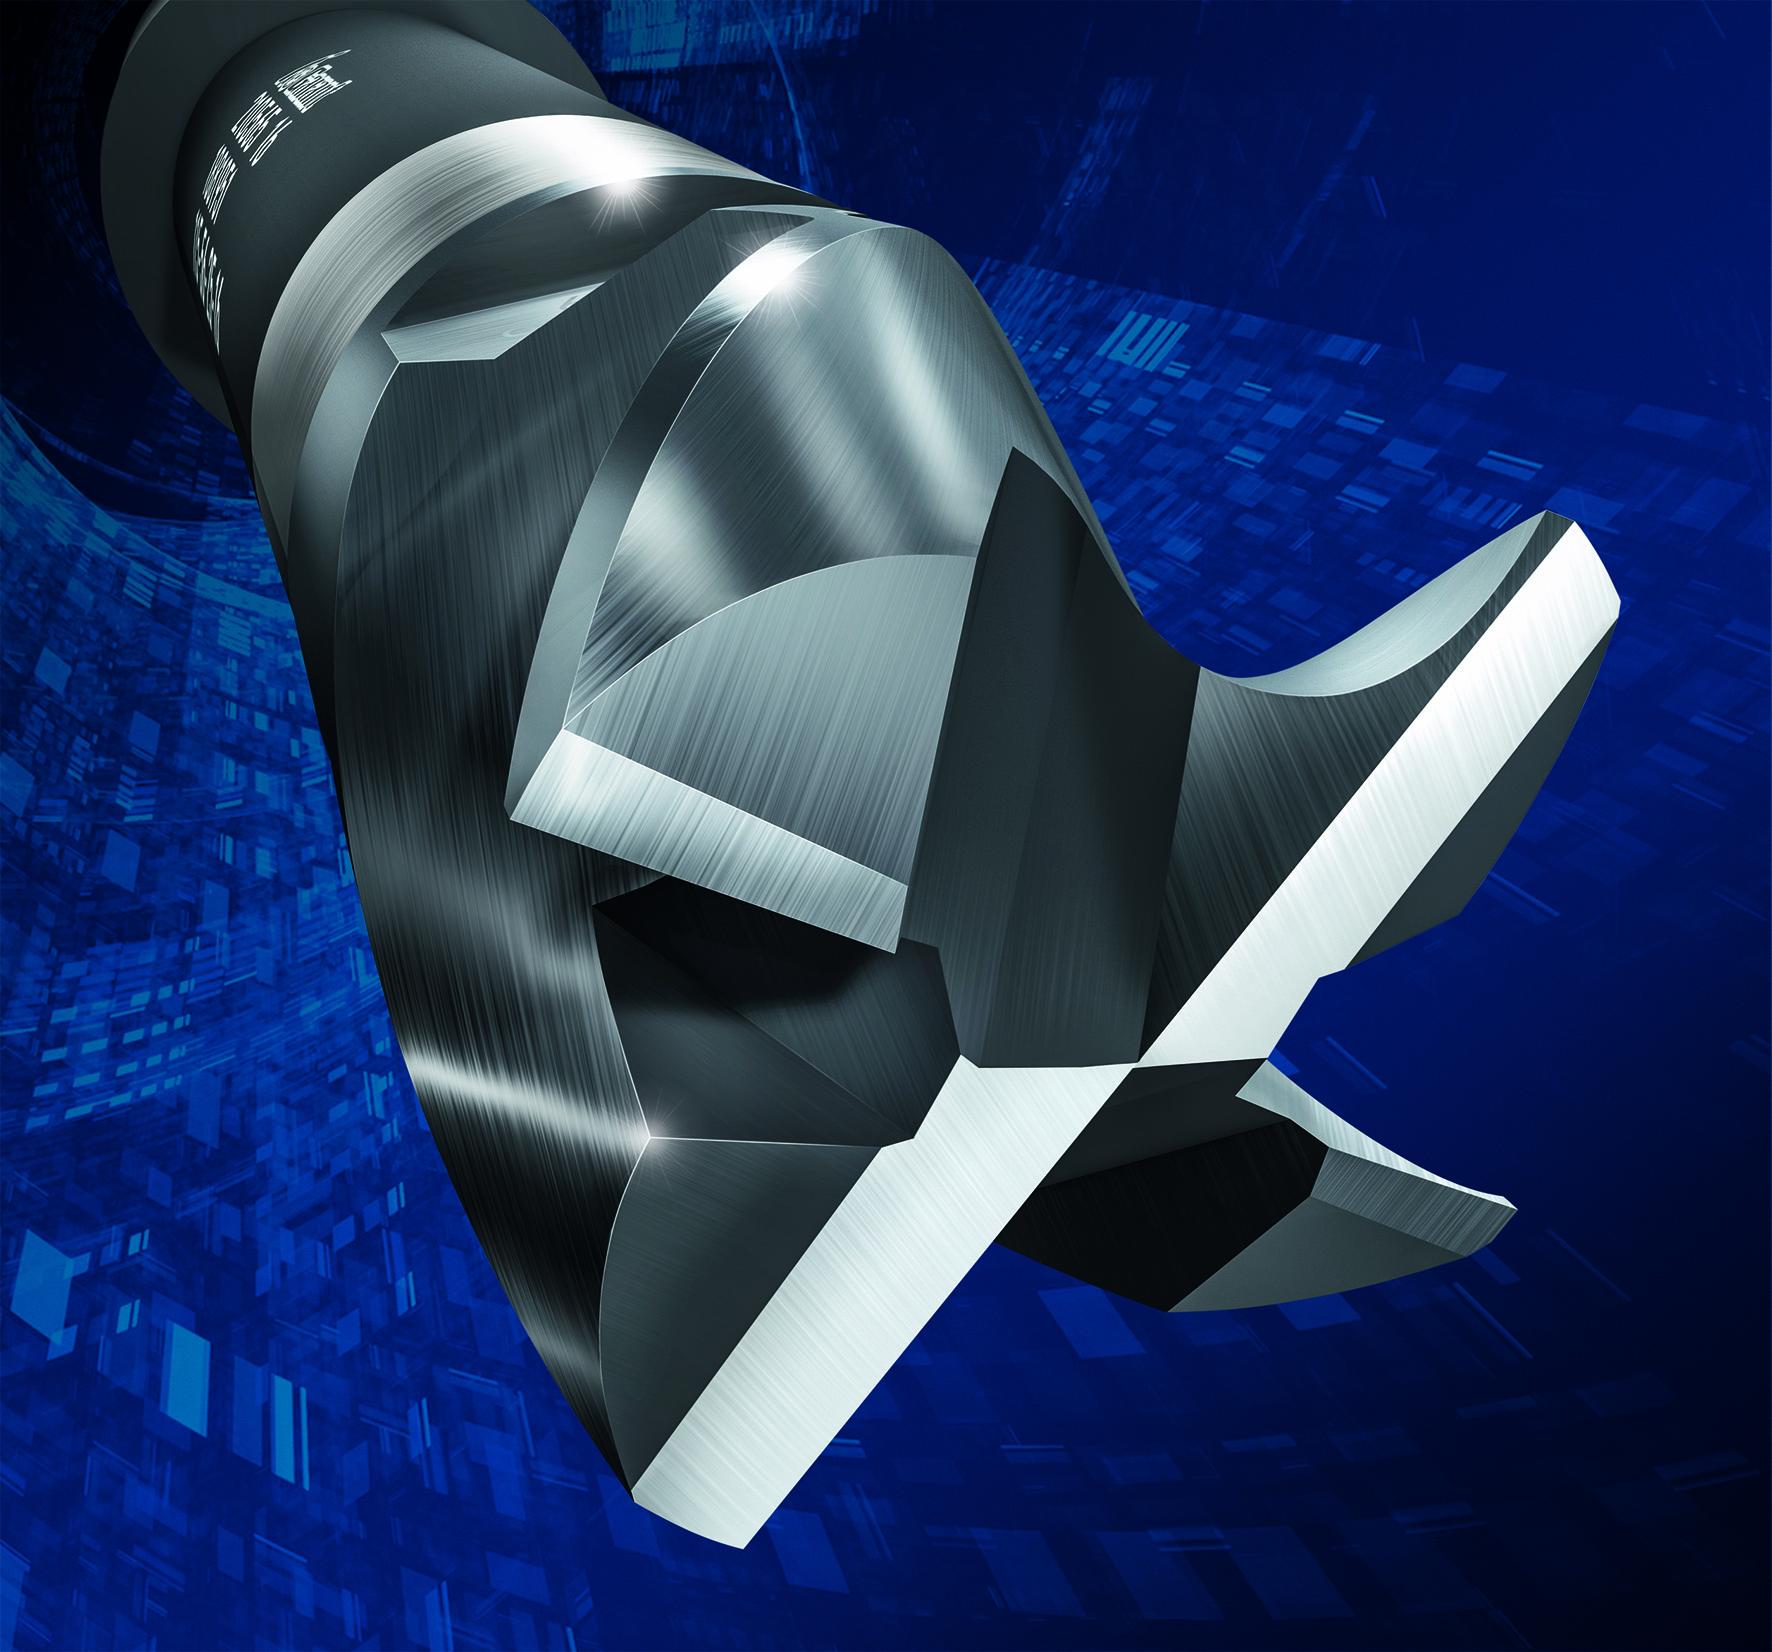 El sistema GARANT TopCut de Hoffmann Group reduce los tiempos de equipamiento y aumenta la productividad